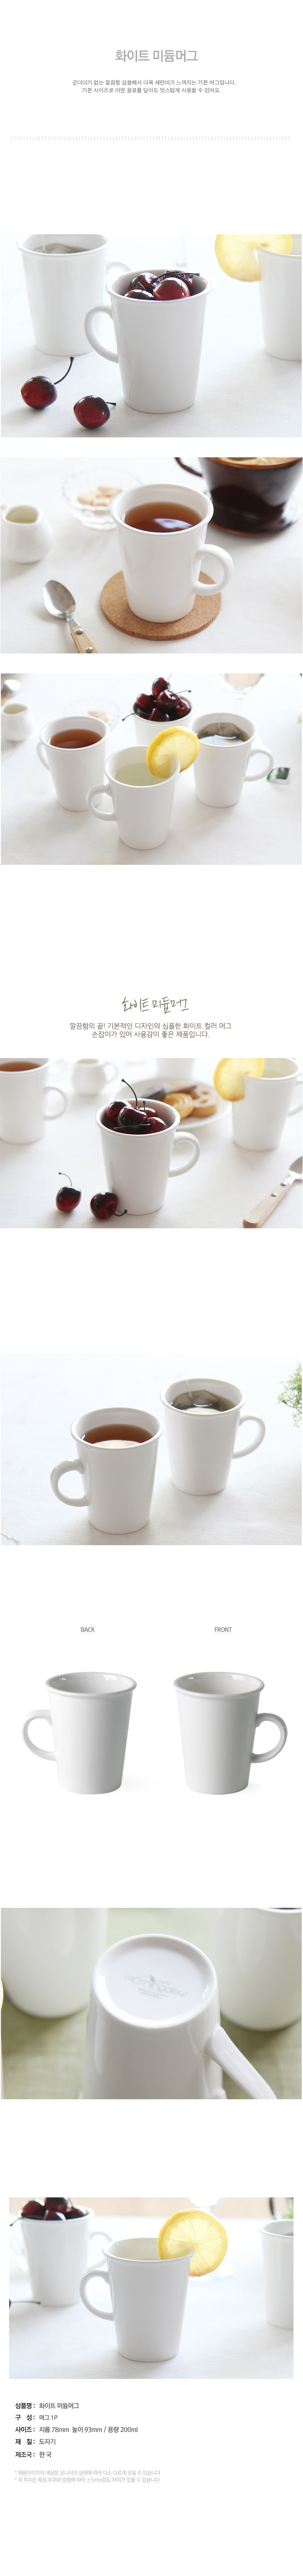 화이트 미듐머그 - 모닝듀, 3,600원, 머그컵, 심플머그